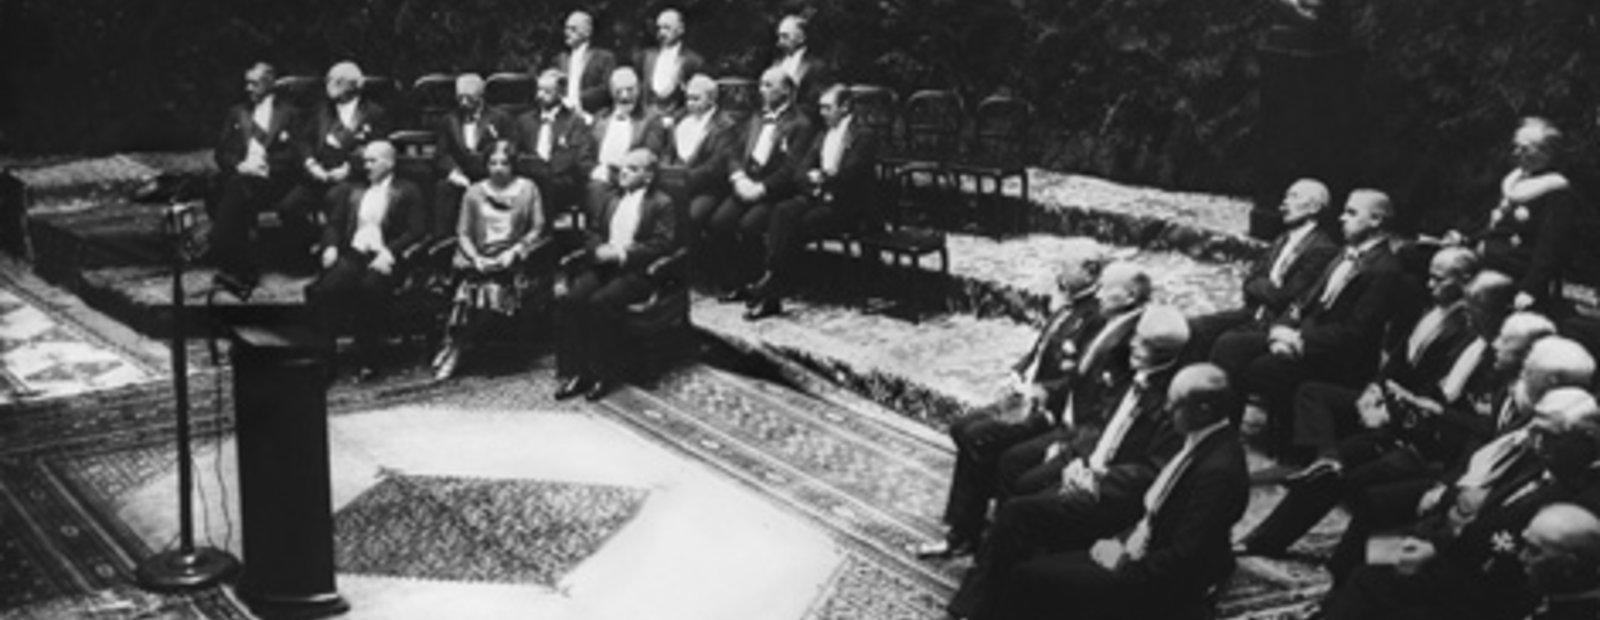 Nobelprisseremonien